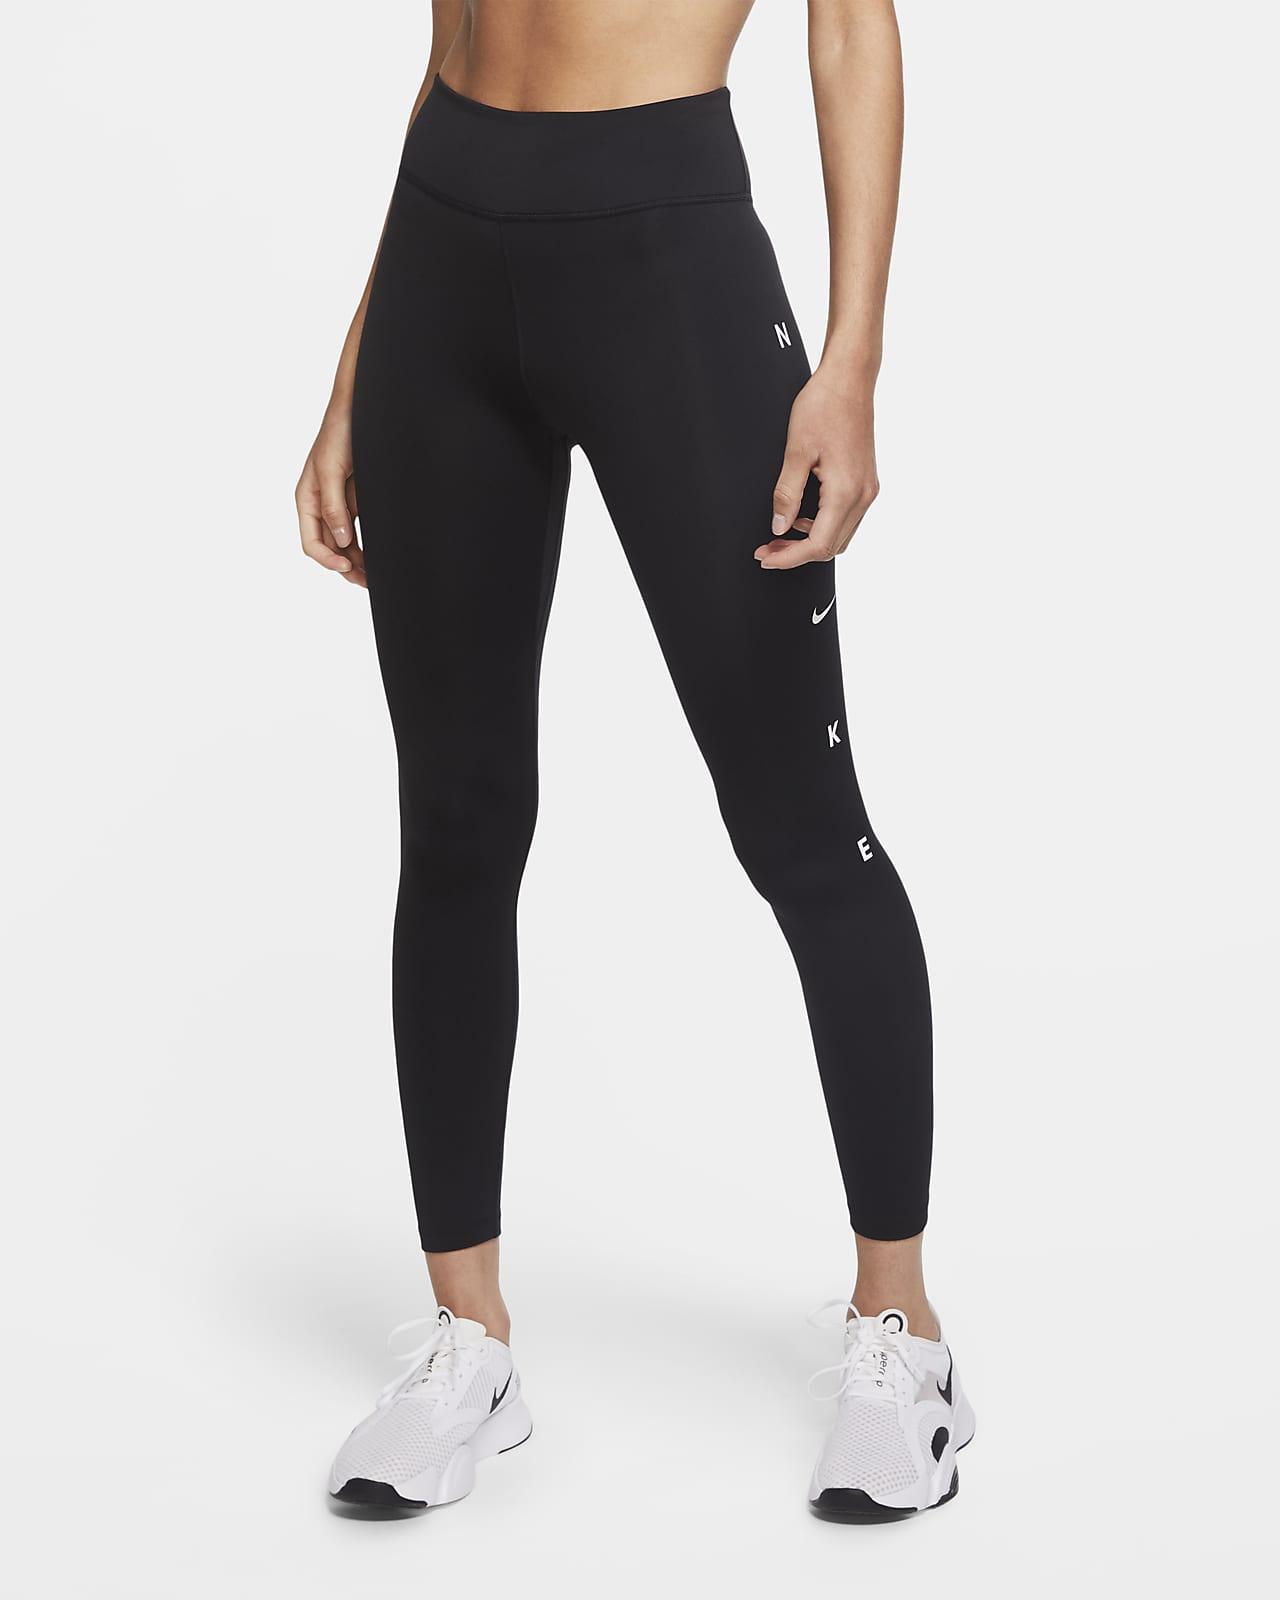 Nike One grafisk tights i 7/8 lengde til dame